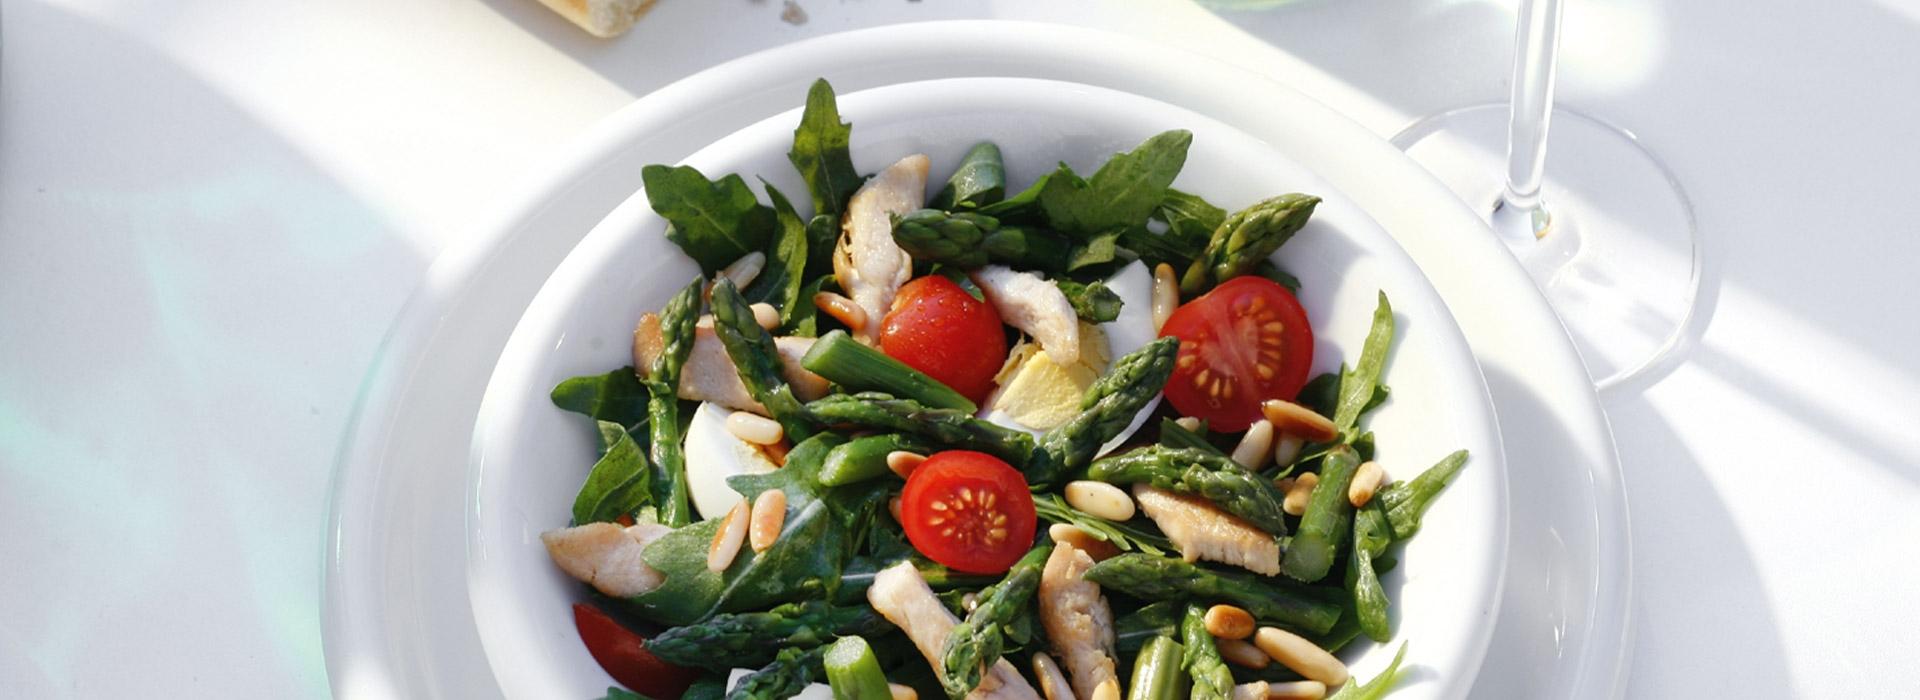 Rucola met groene asperges en kalkoenfilet